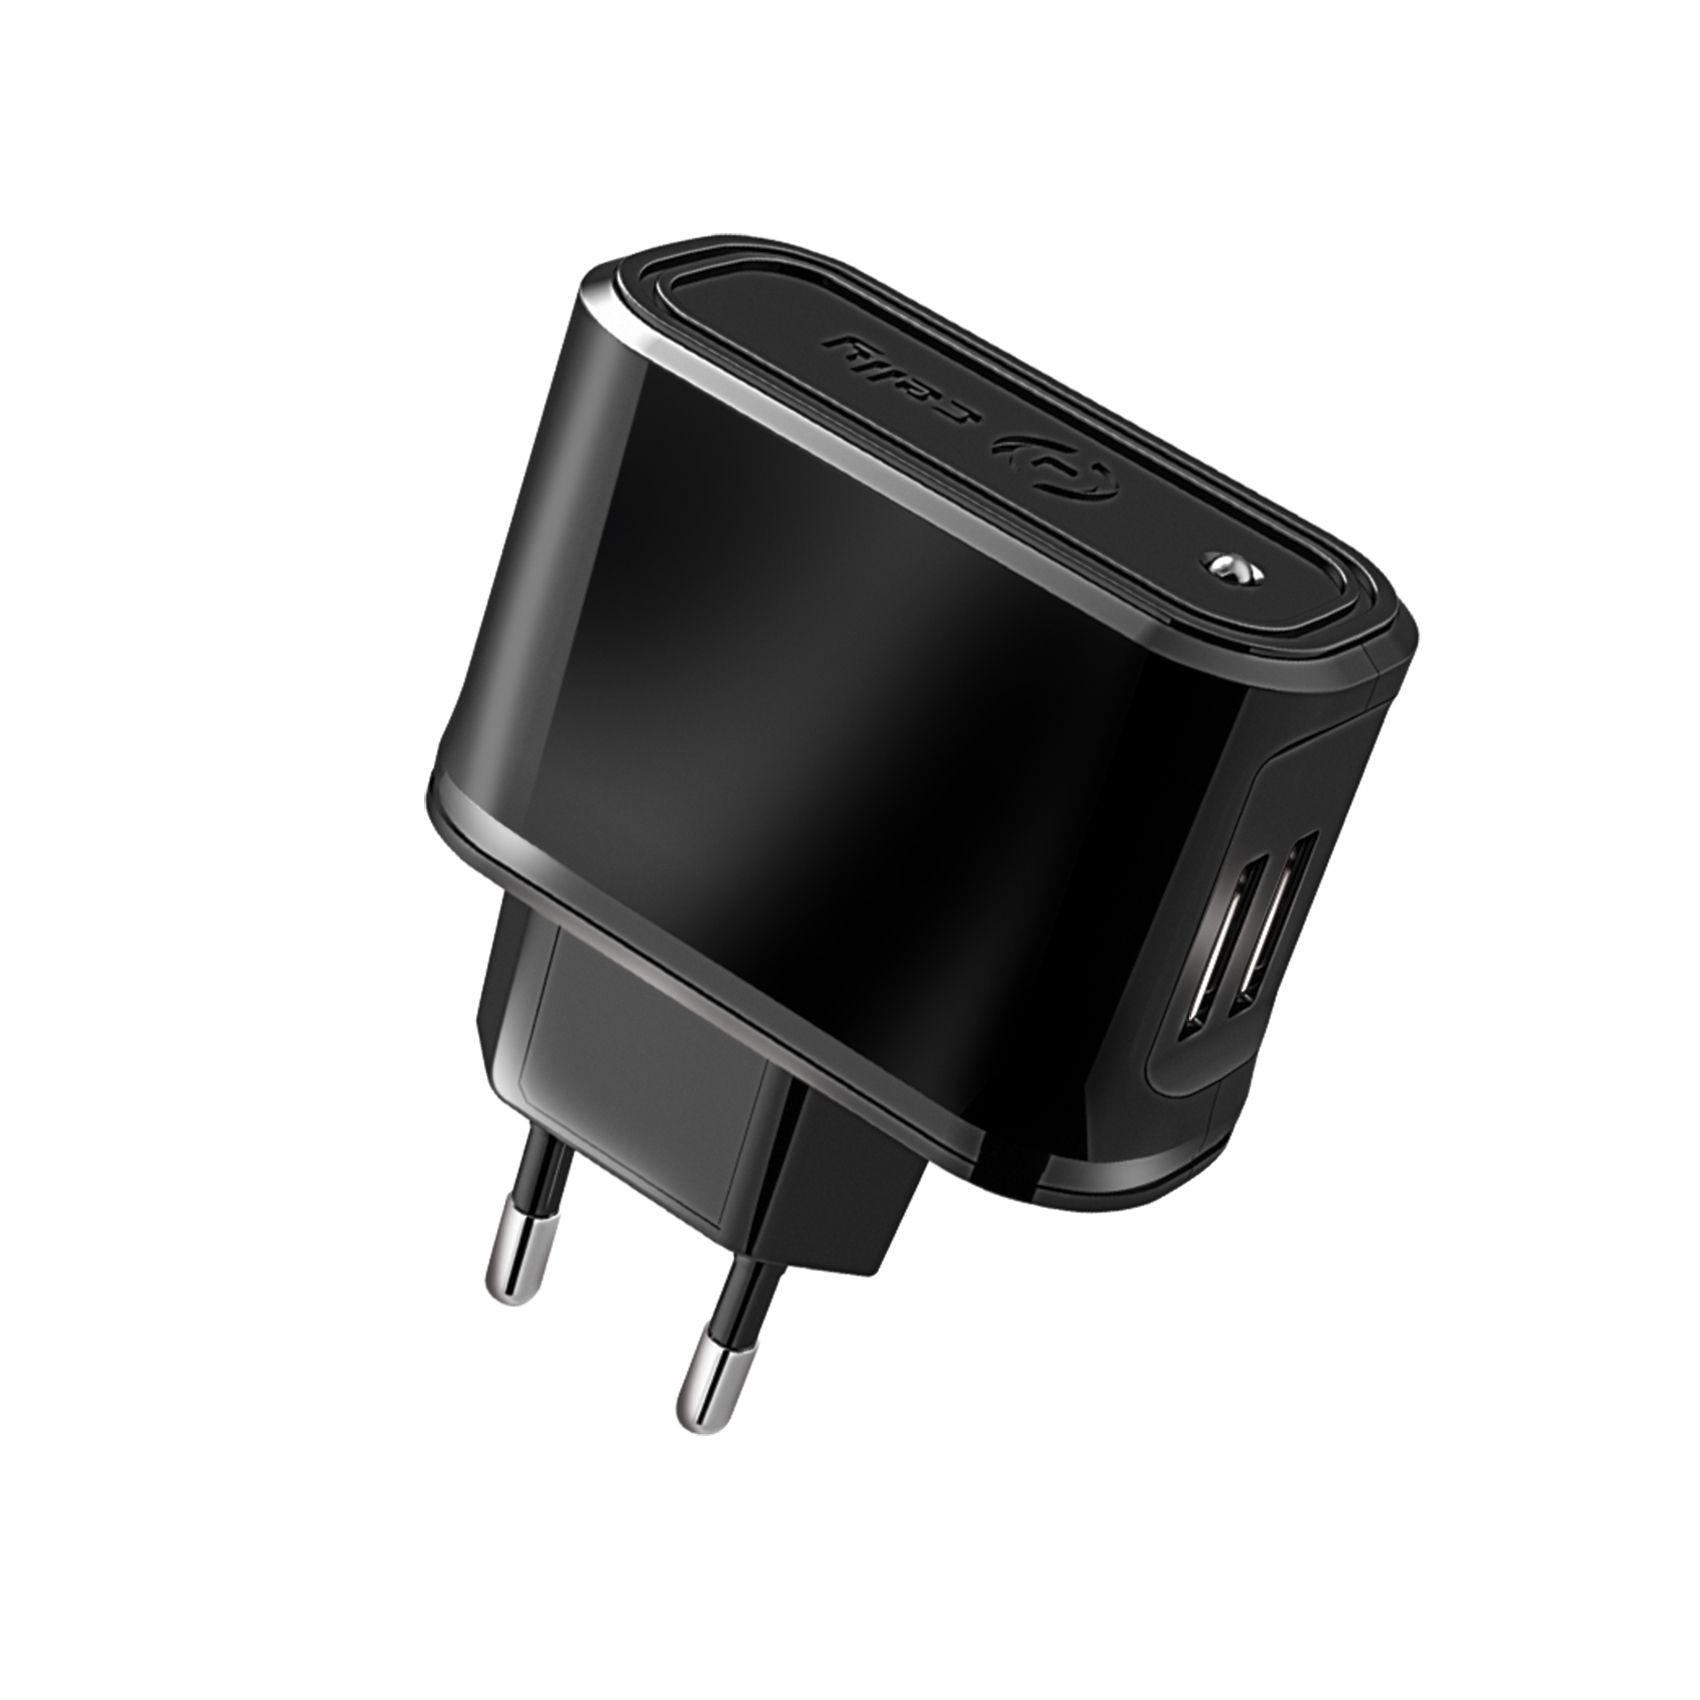 a08c80832d8 Telemark Hulgi - apple laadija iphone laadija autolaadija micro usb ...